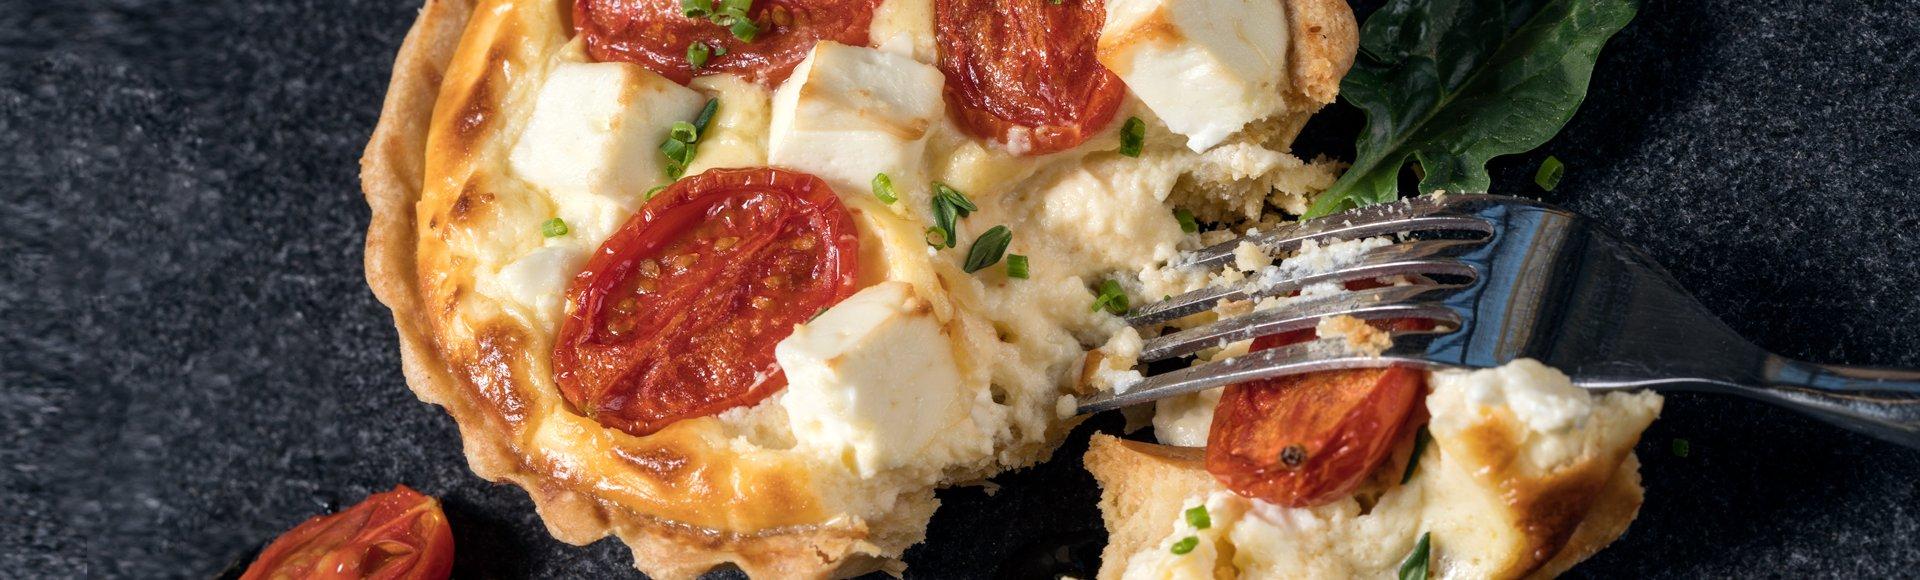 Τάρτα με ψητά ντοματίνια, βασιλικό και κρέμα τυριού